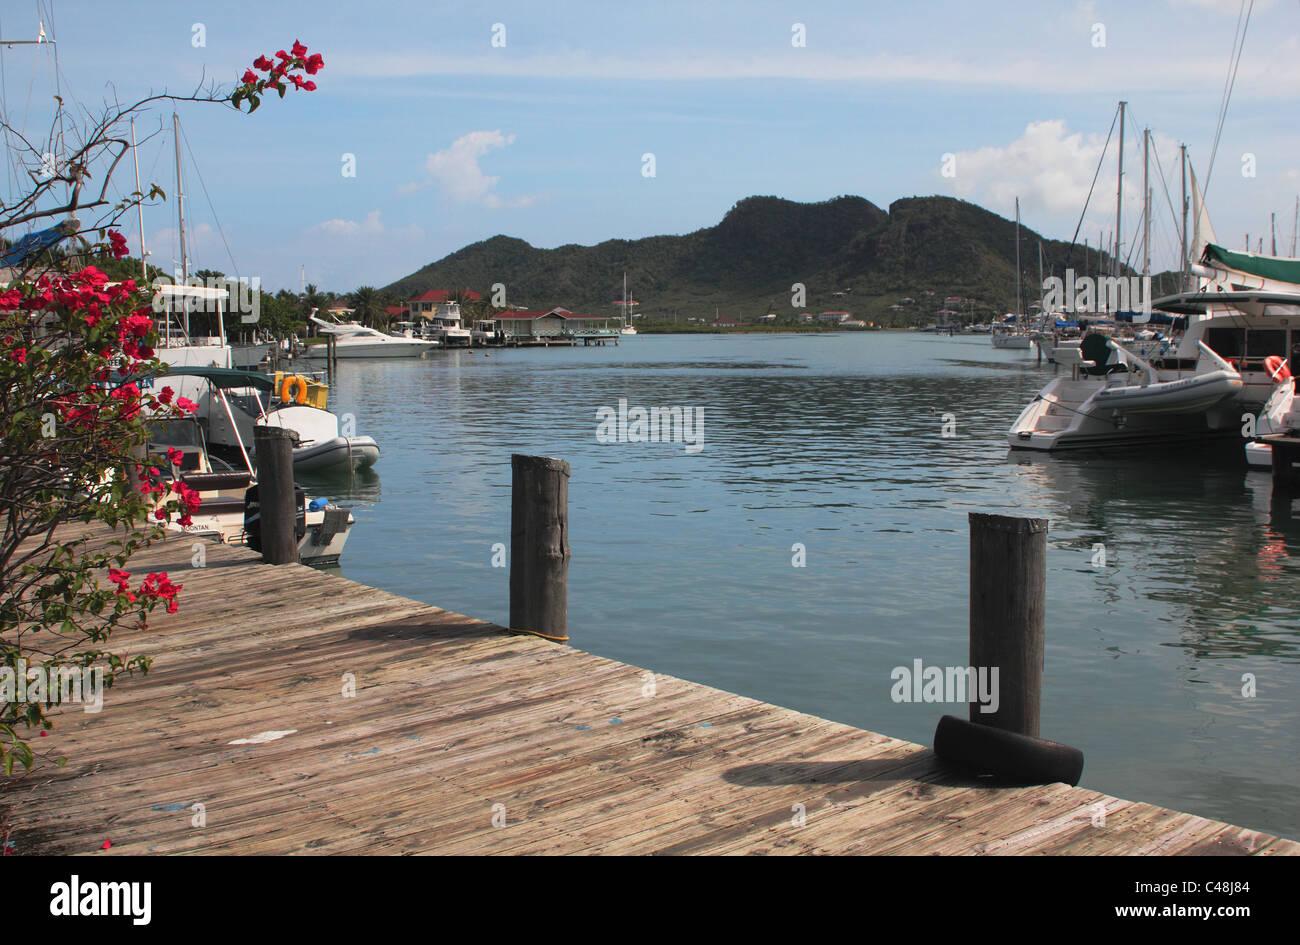 Pontile in legno, barche e vista collina, jolly bay, Antigua, west indies Immagini Stock